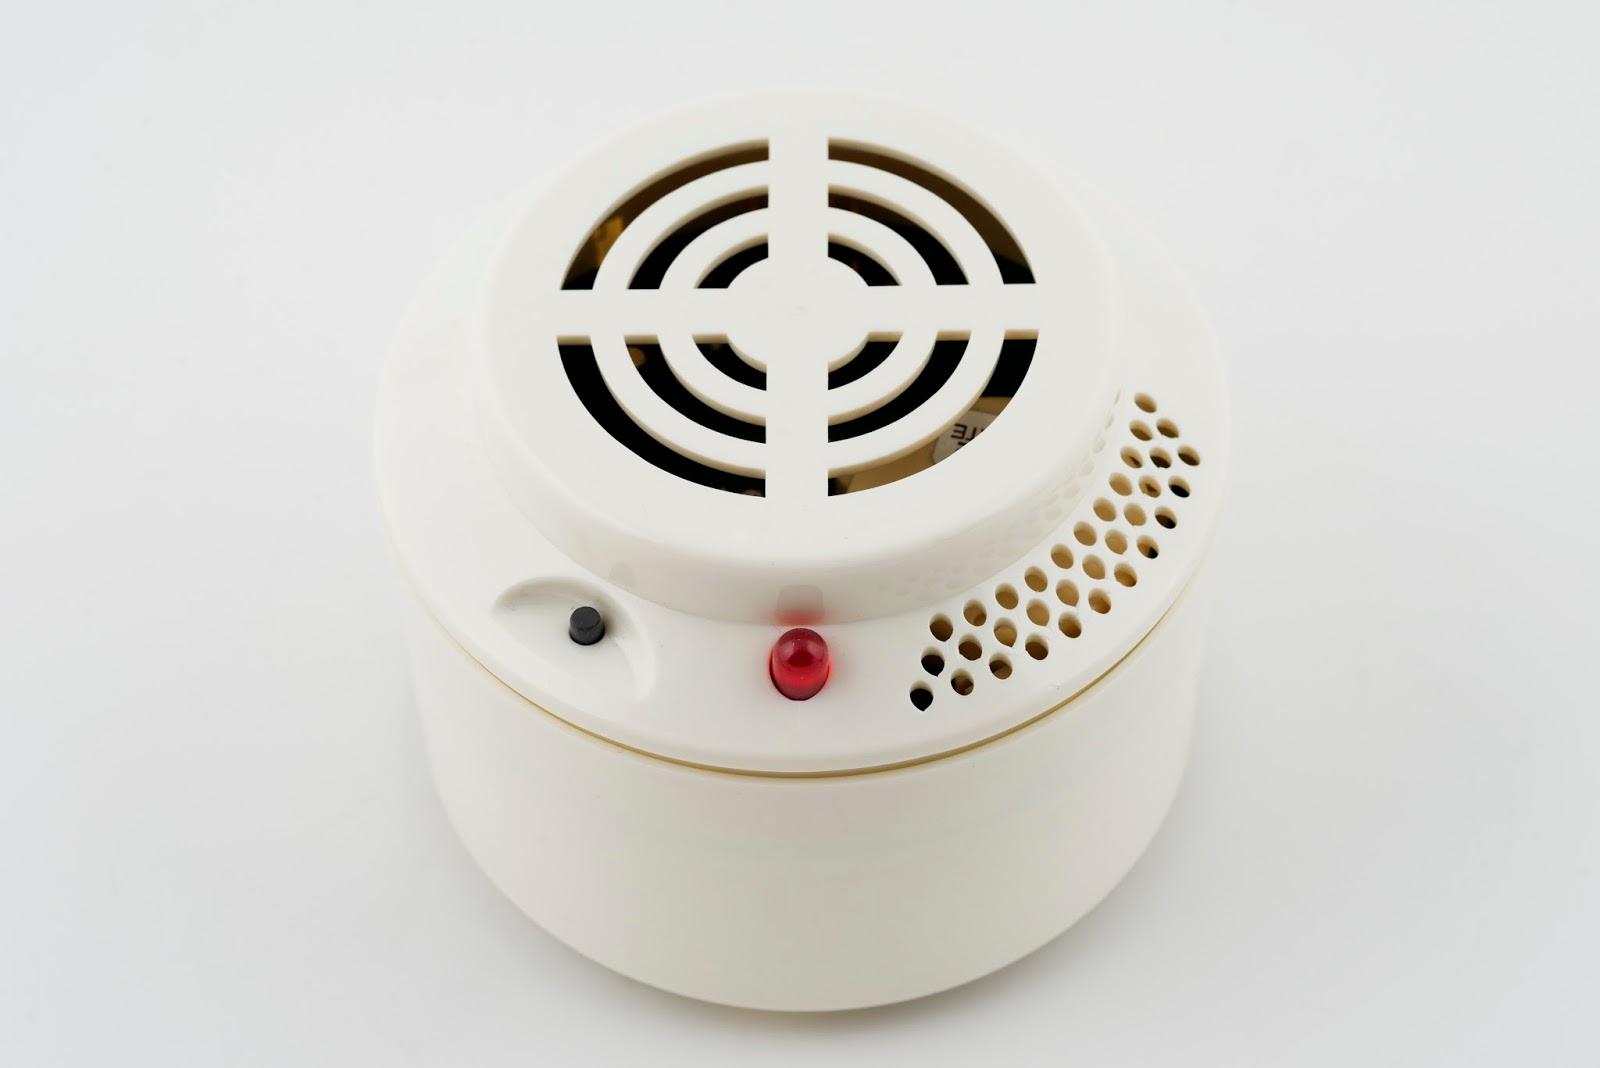 Detectores de humo y gas | Cuidado Mayores Madrid